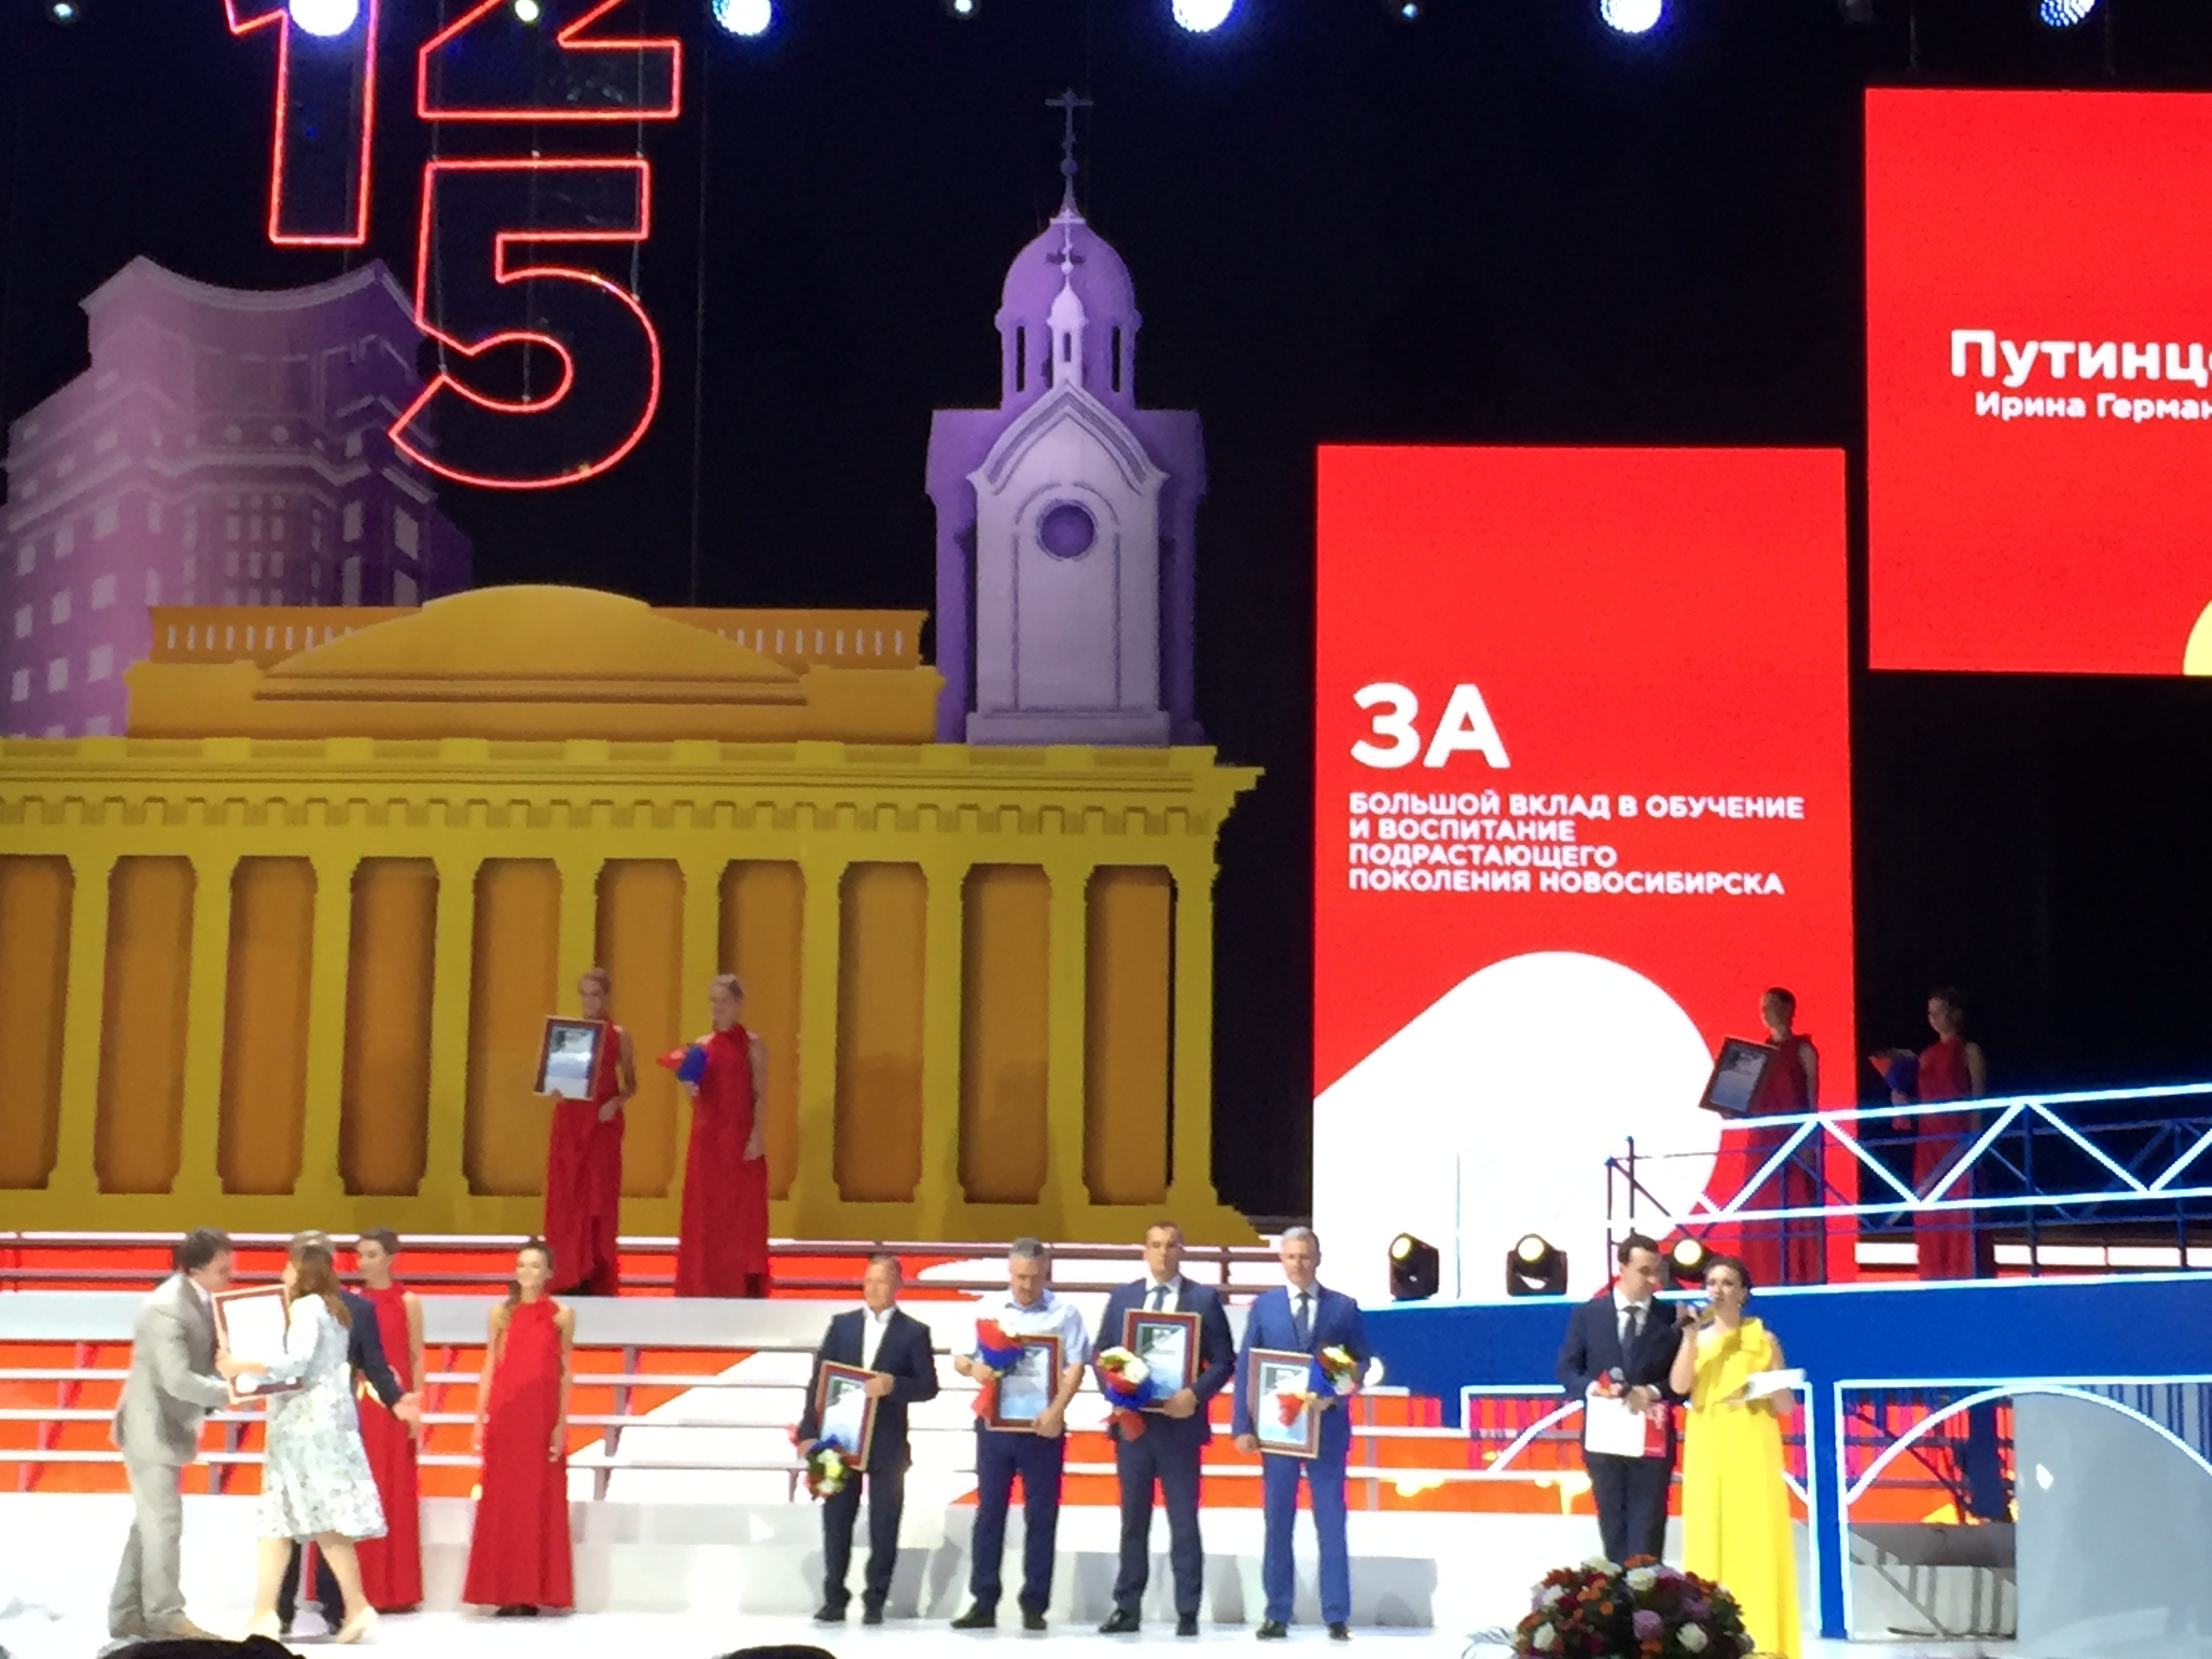 Поздравляем Владимира Литвинова и Ивана Сидоренко с вручением Почетных грамот за большой вклад в развитие жилищного строительства в городе Новосибирске